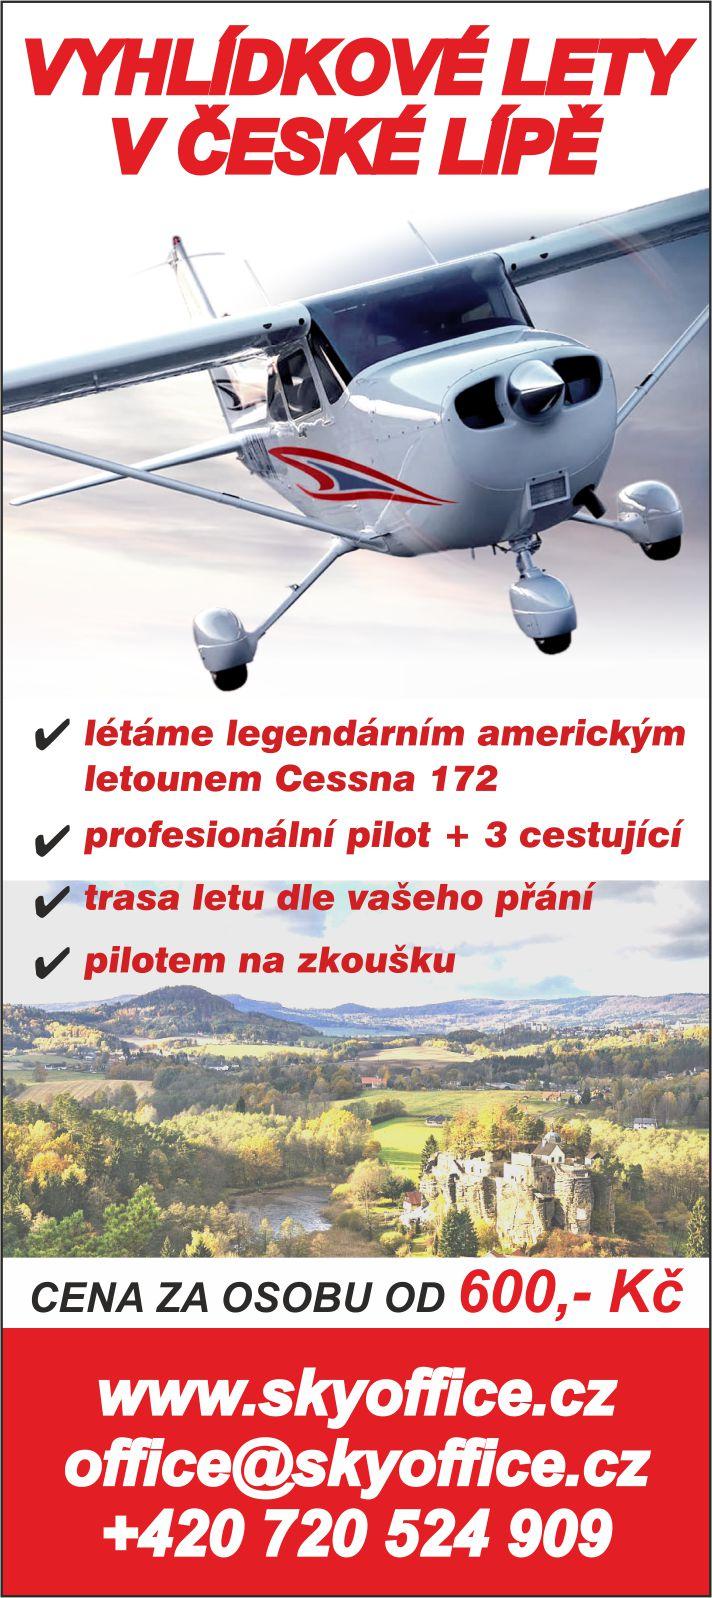 vyhlídkové lety